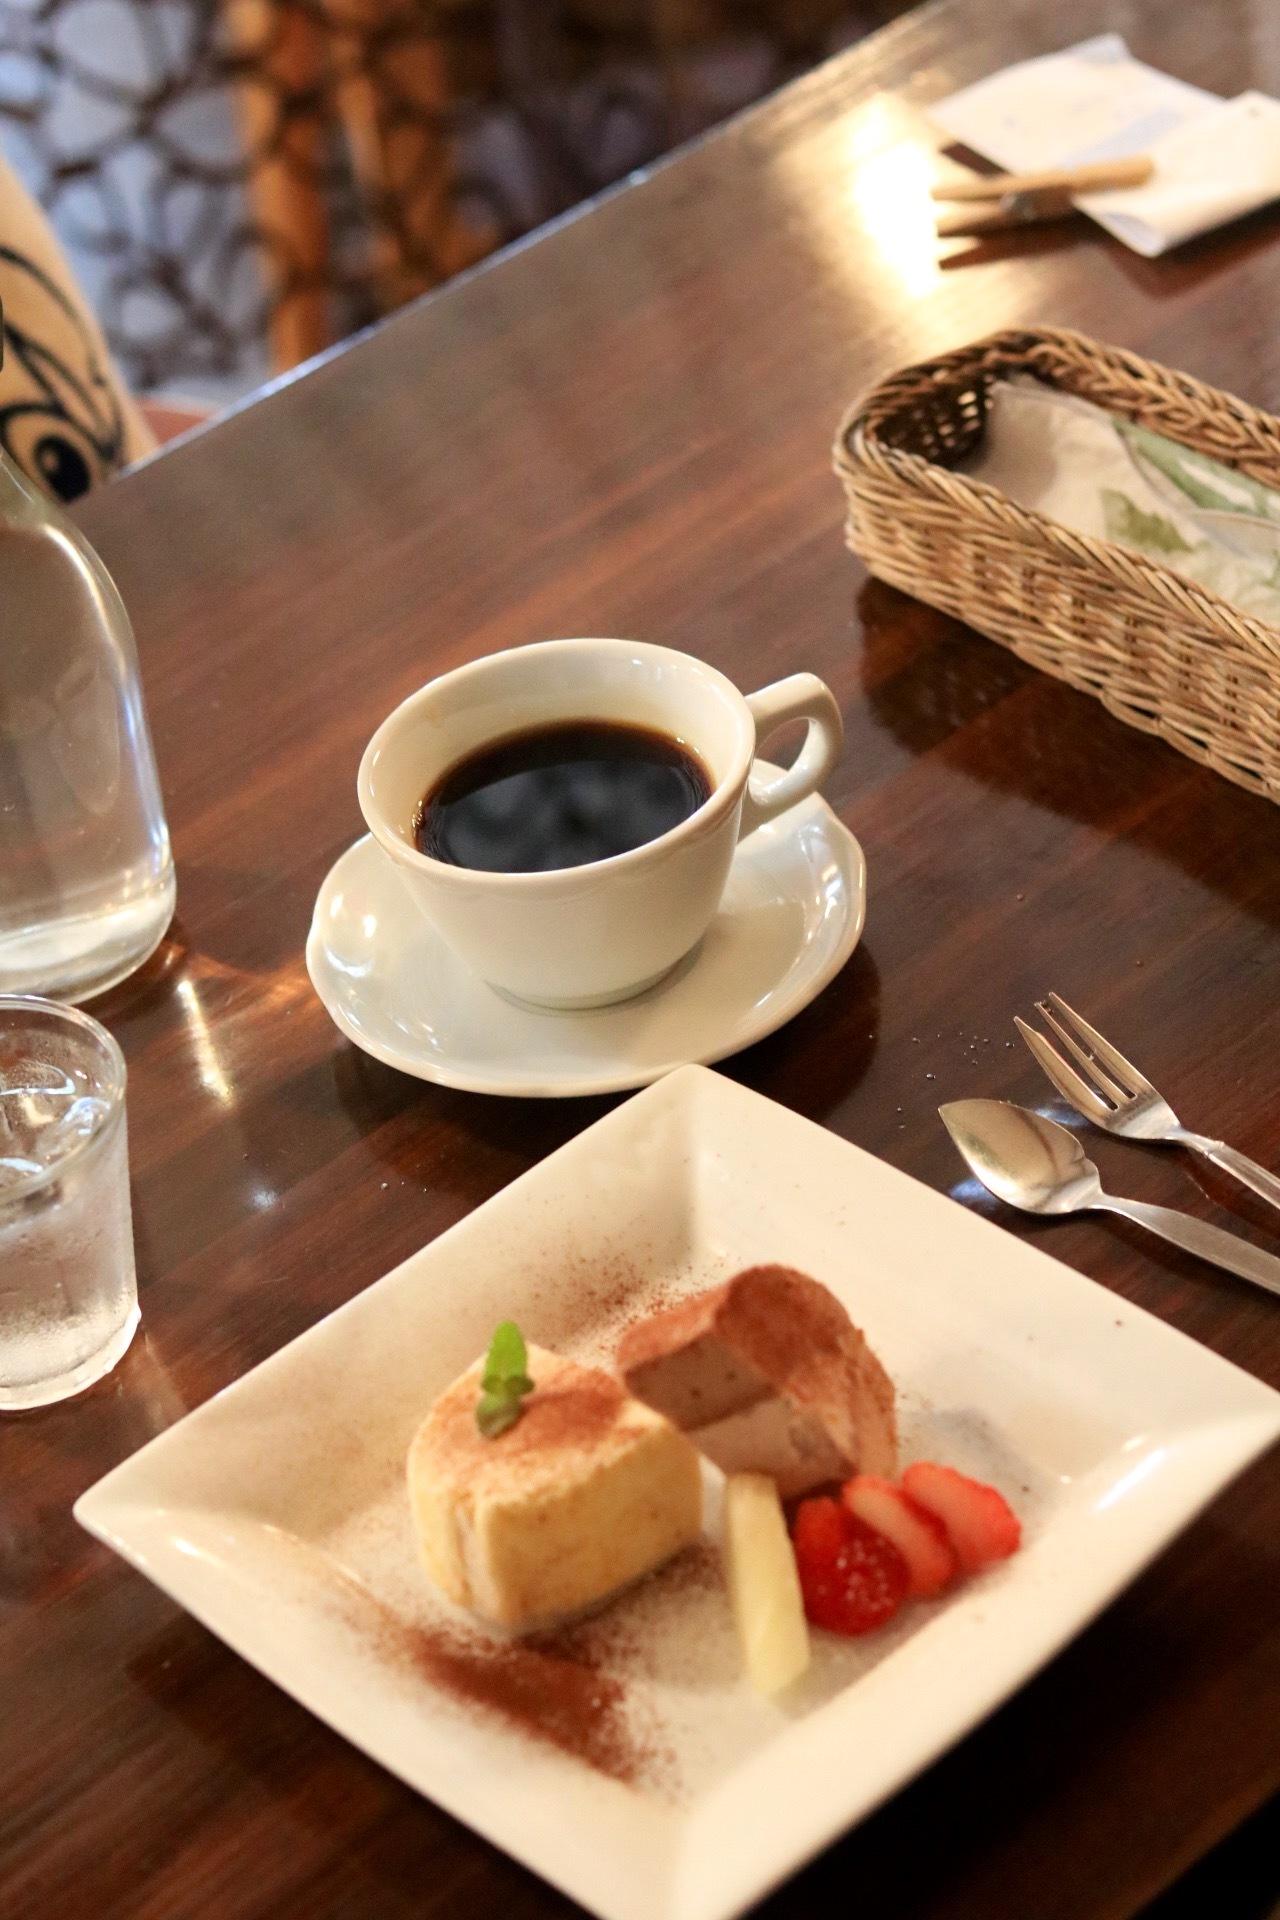 行田のイタリア食堂ラノッキオさんでランチ_c0366722_16243511.jpeg